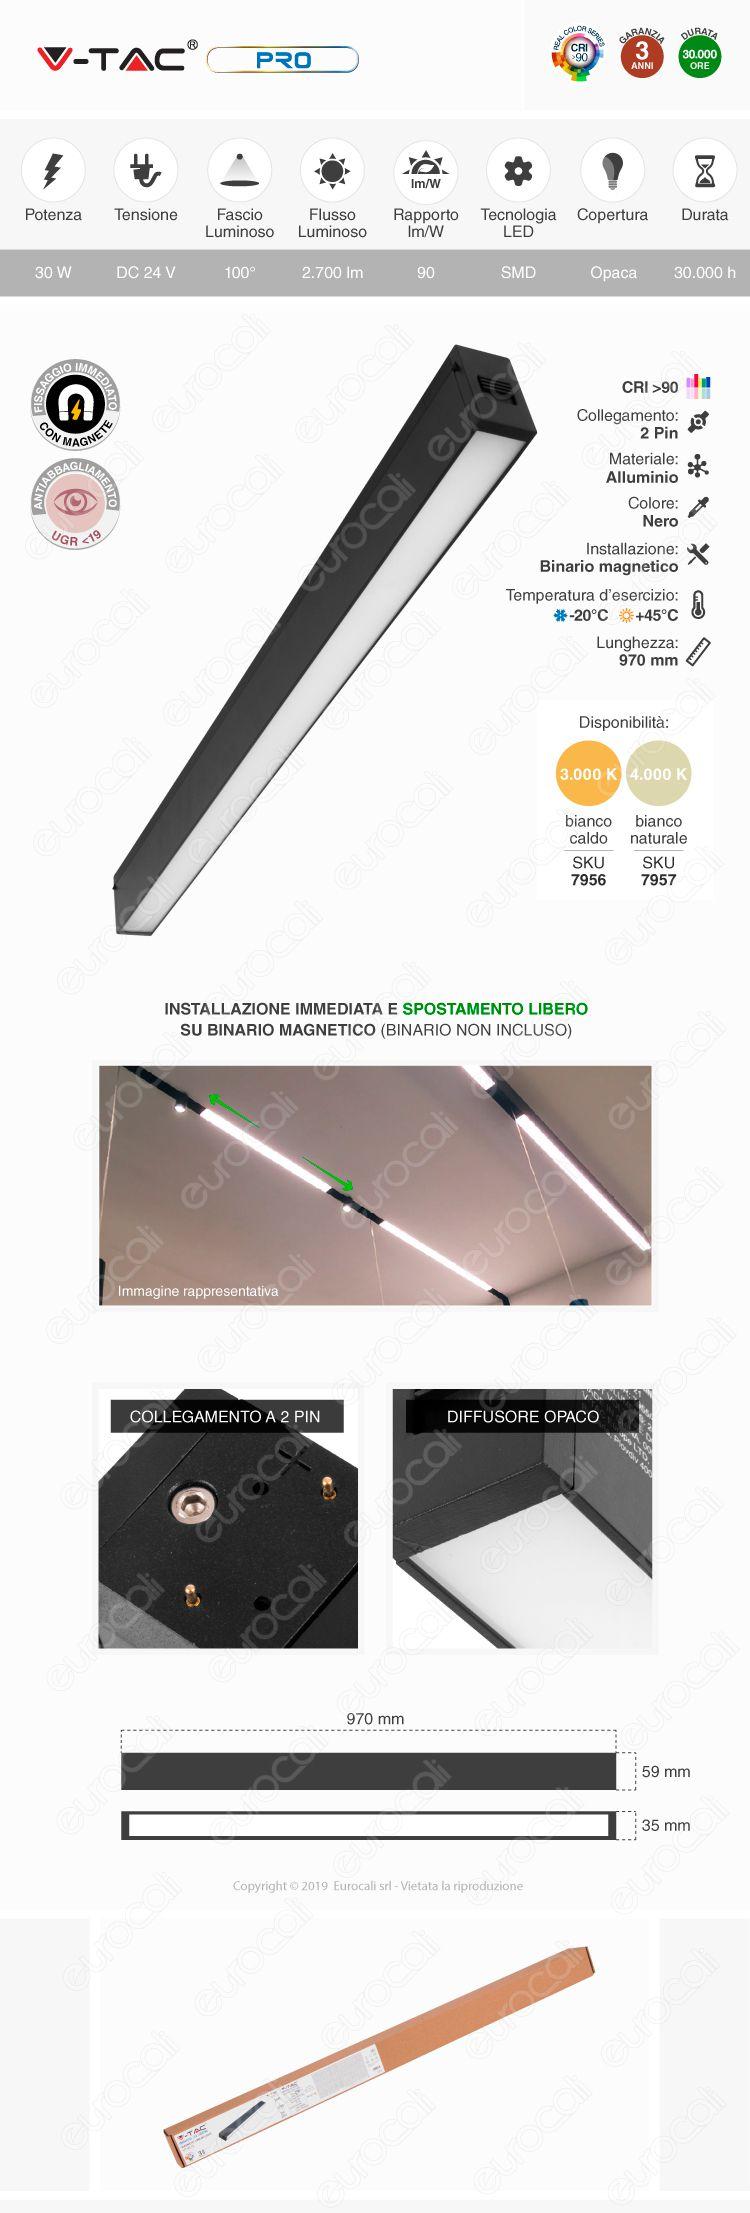 V-Tac PRO VT-4131 Magnetic Linear Light